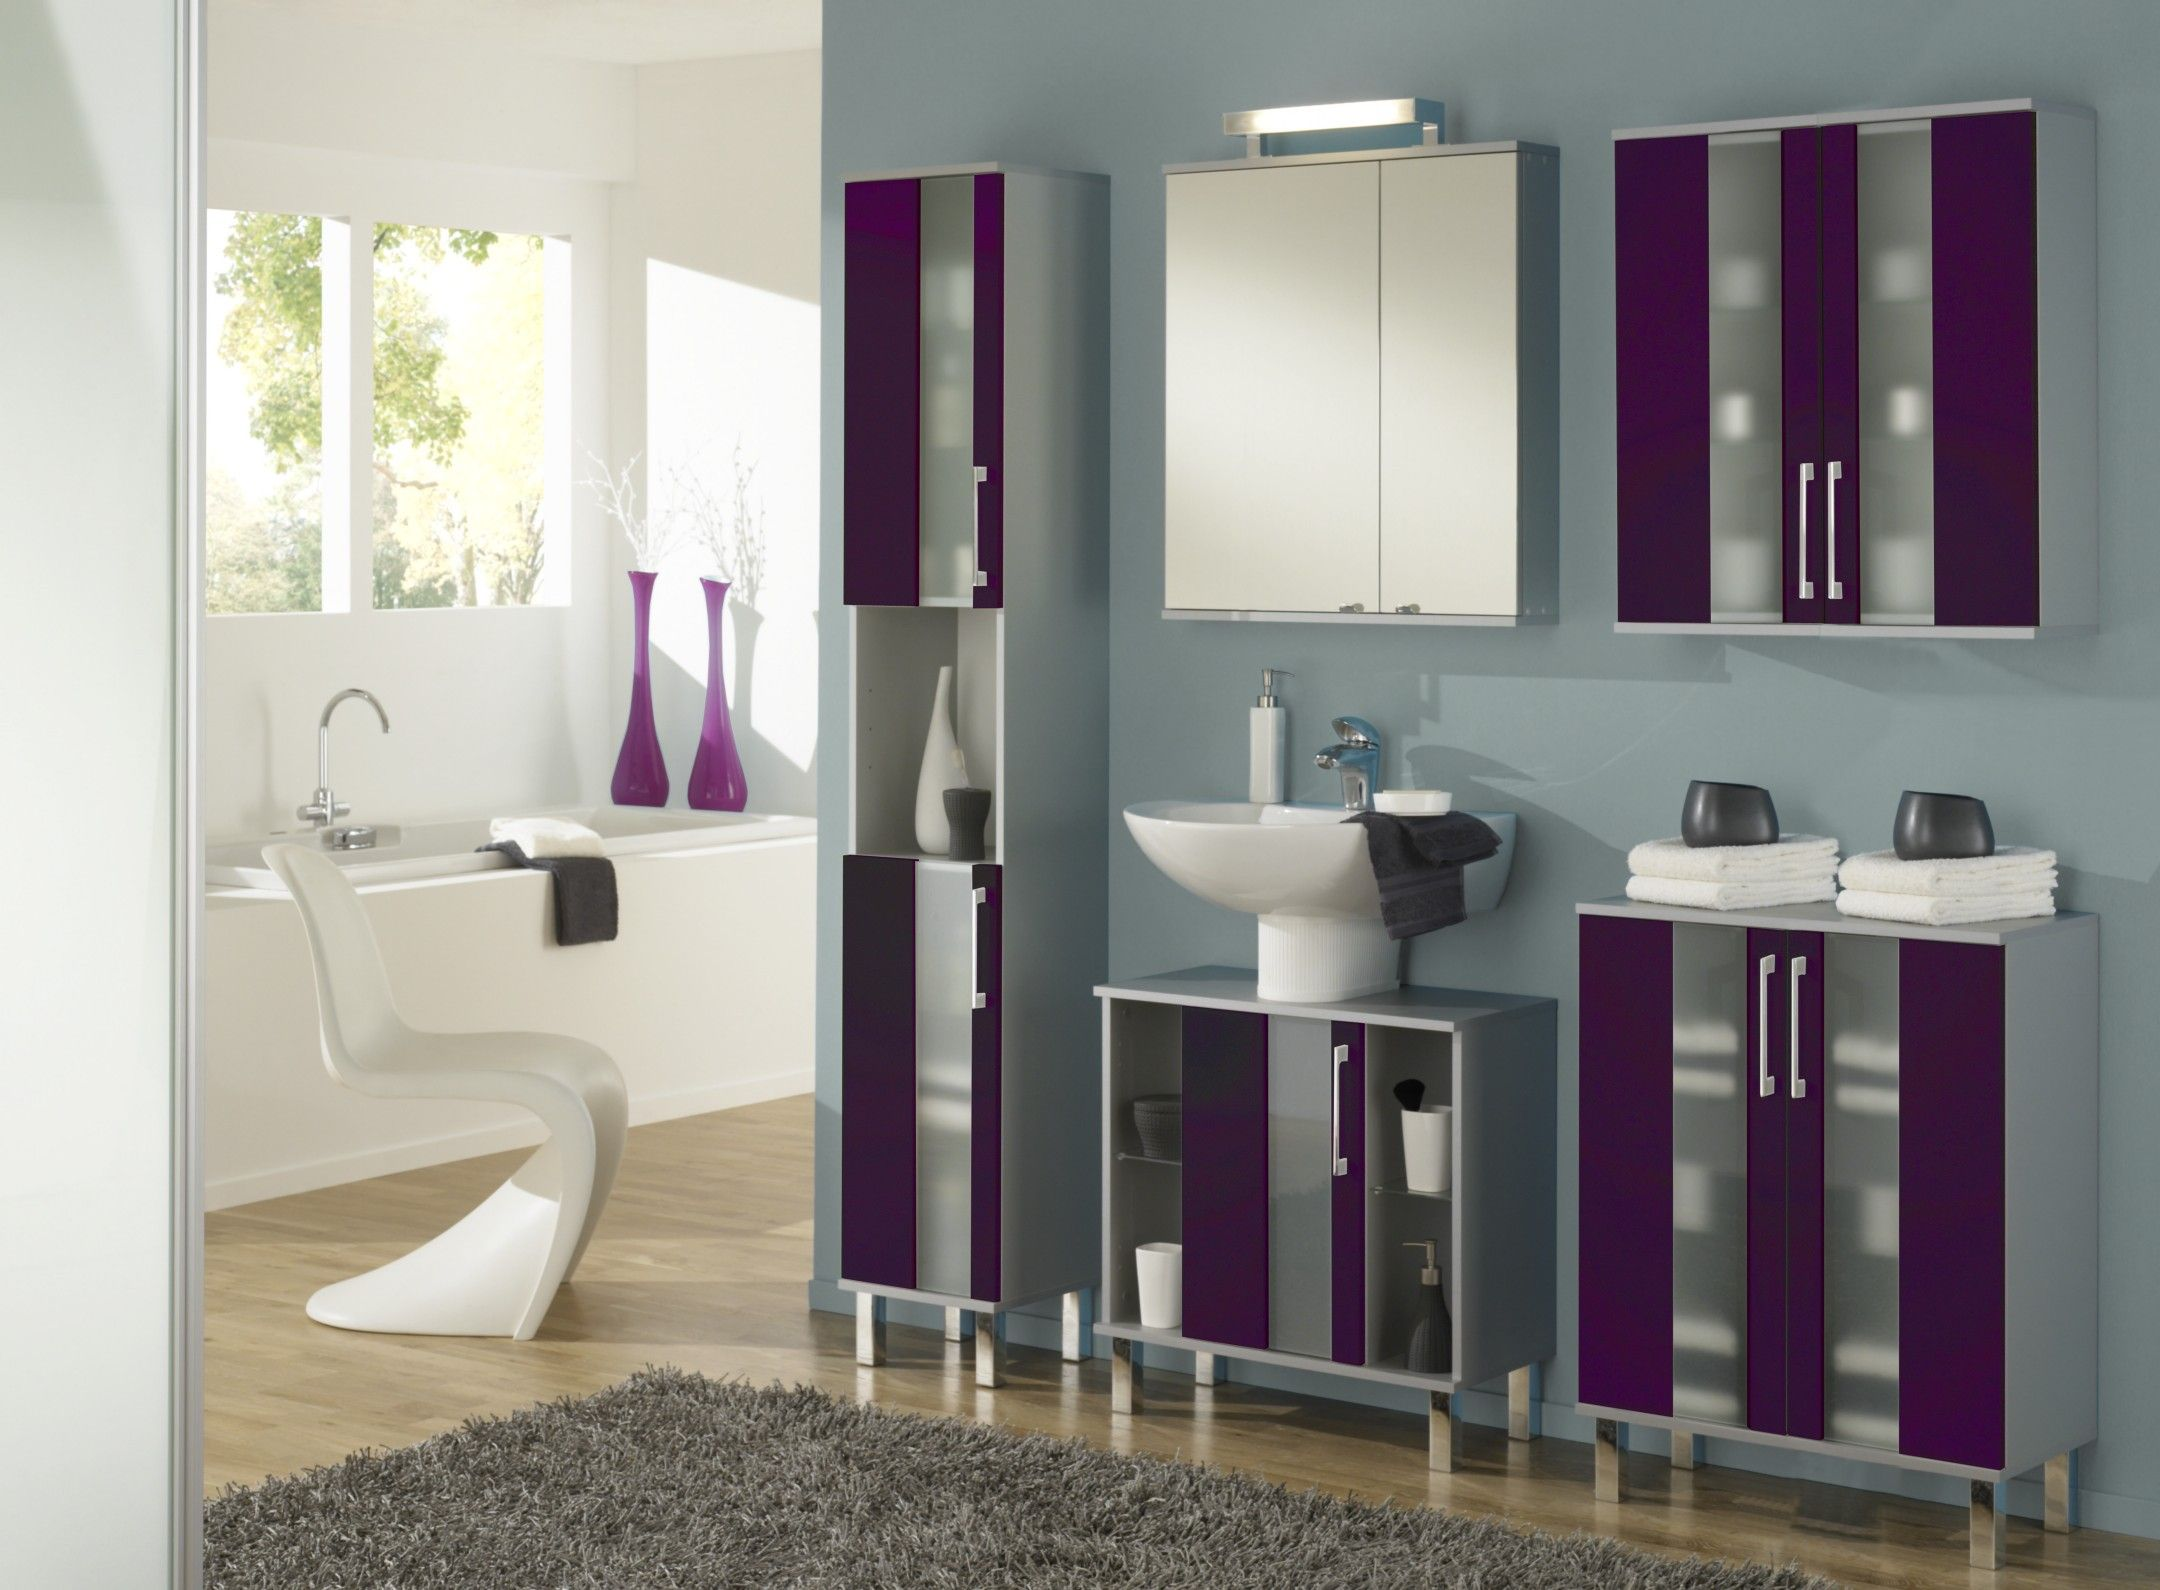 Stauraum Badezimmer ~ Die farbenfrohe badezimmerkombination badezimmer brombeer glanz